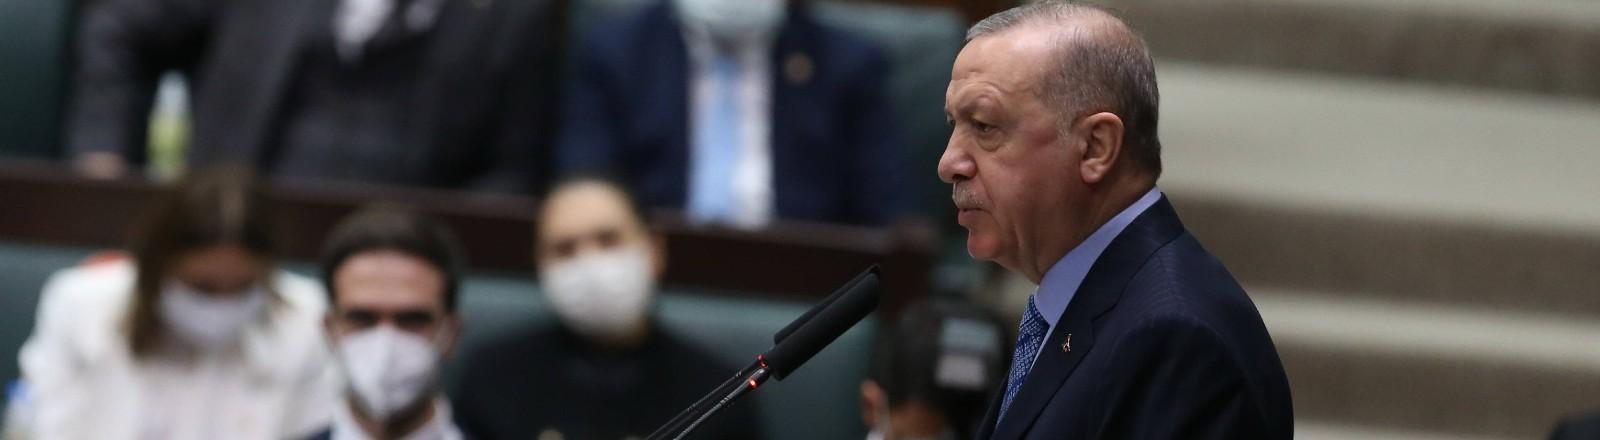 Staatspräsident Recep Tayyip Erdogan im Parlament in Ankara.